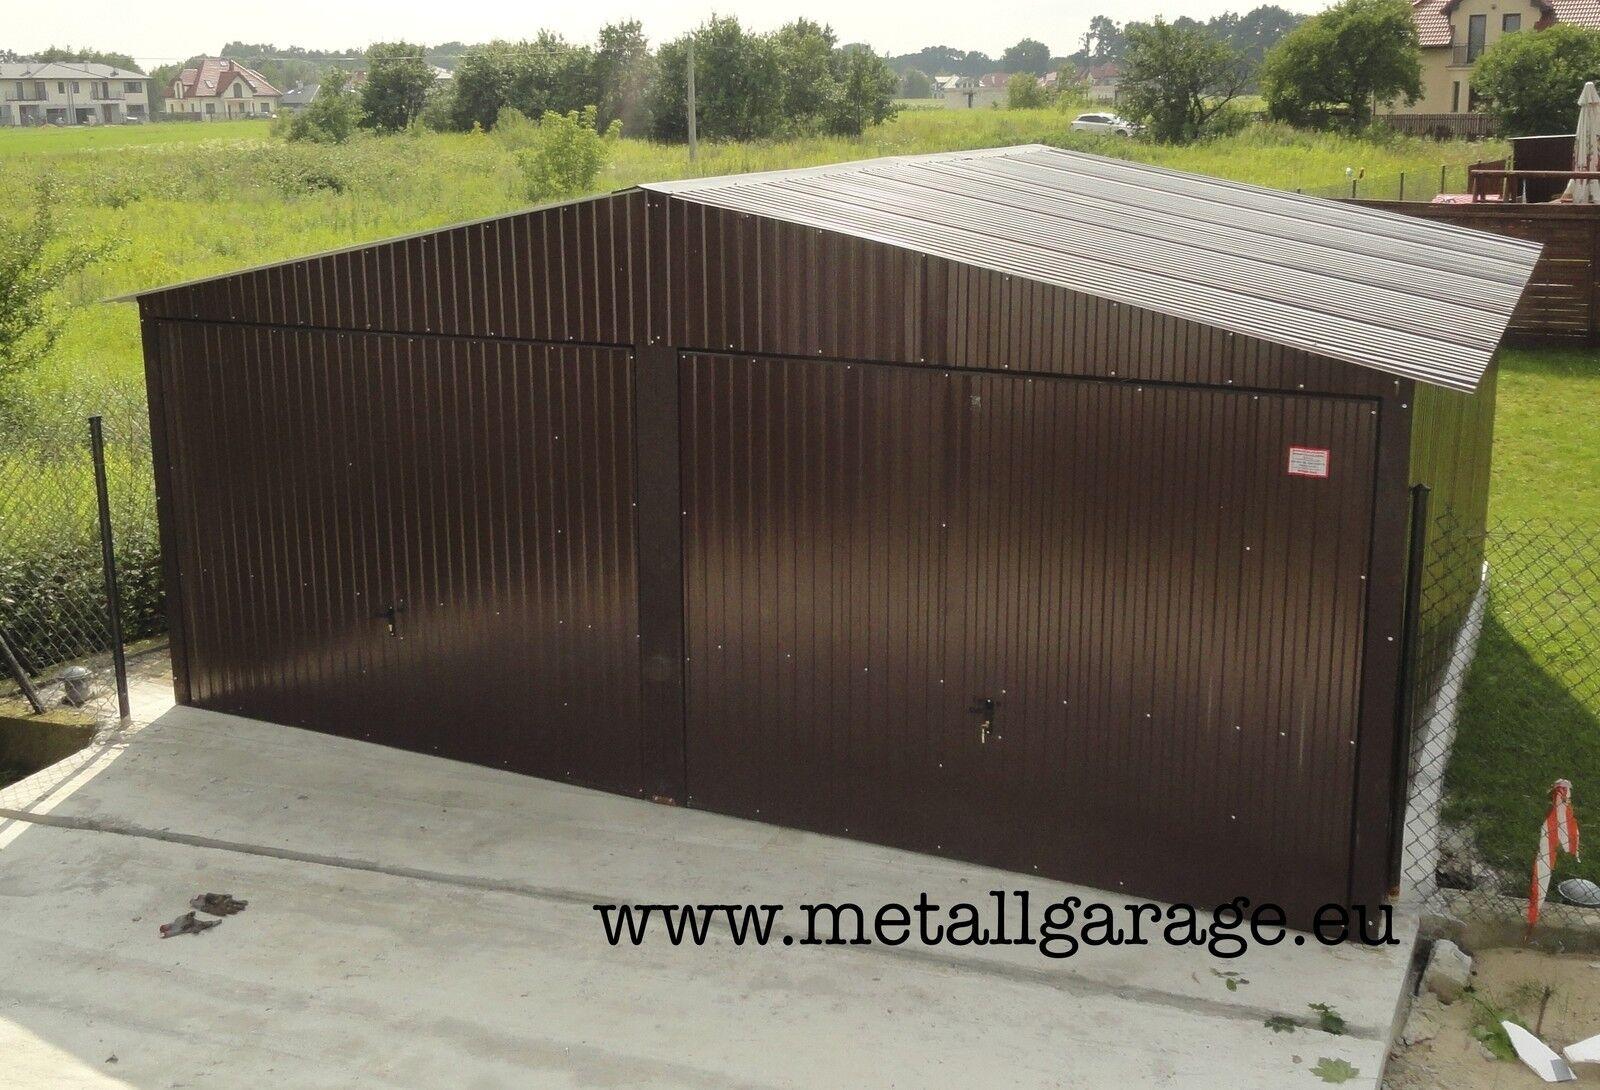 RAL 8017 6x4.5 Blechgarage Fertiggarage Metallgarage LAGERRAUM RAUM KFZ GARAGE